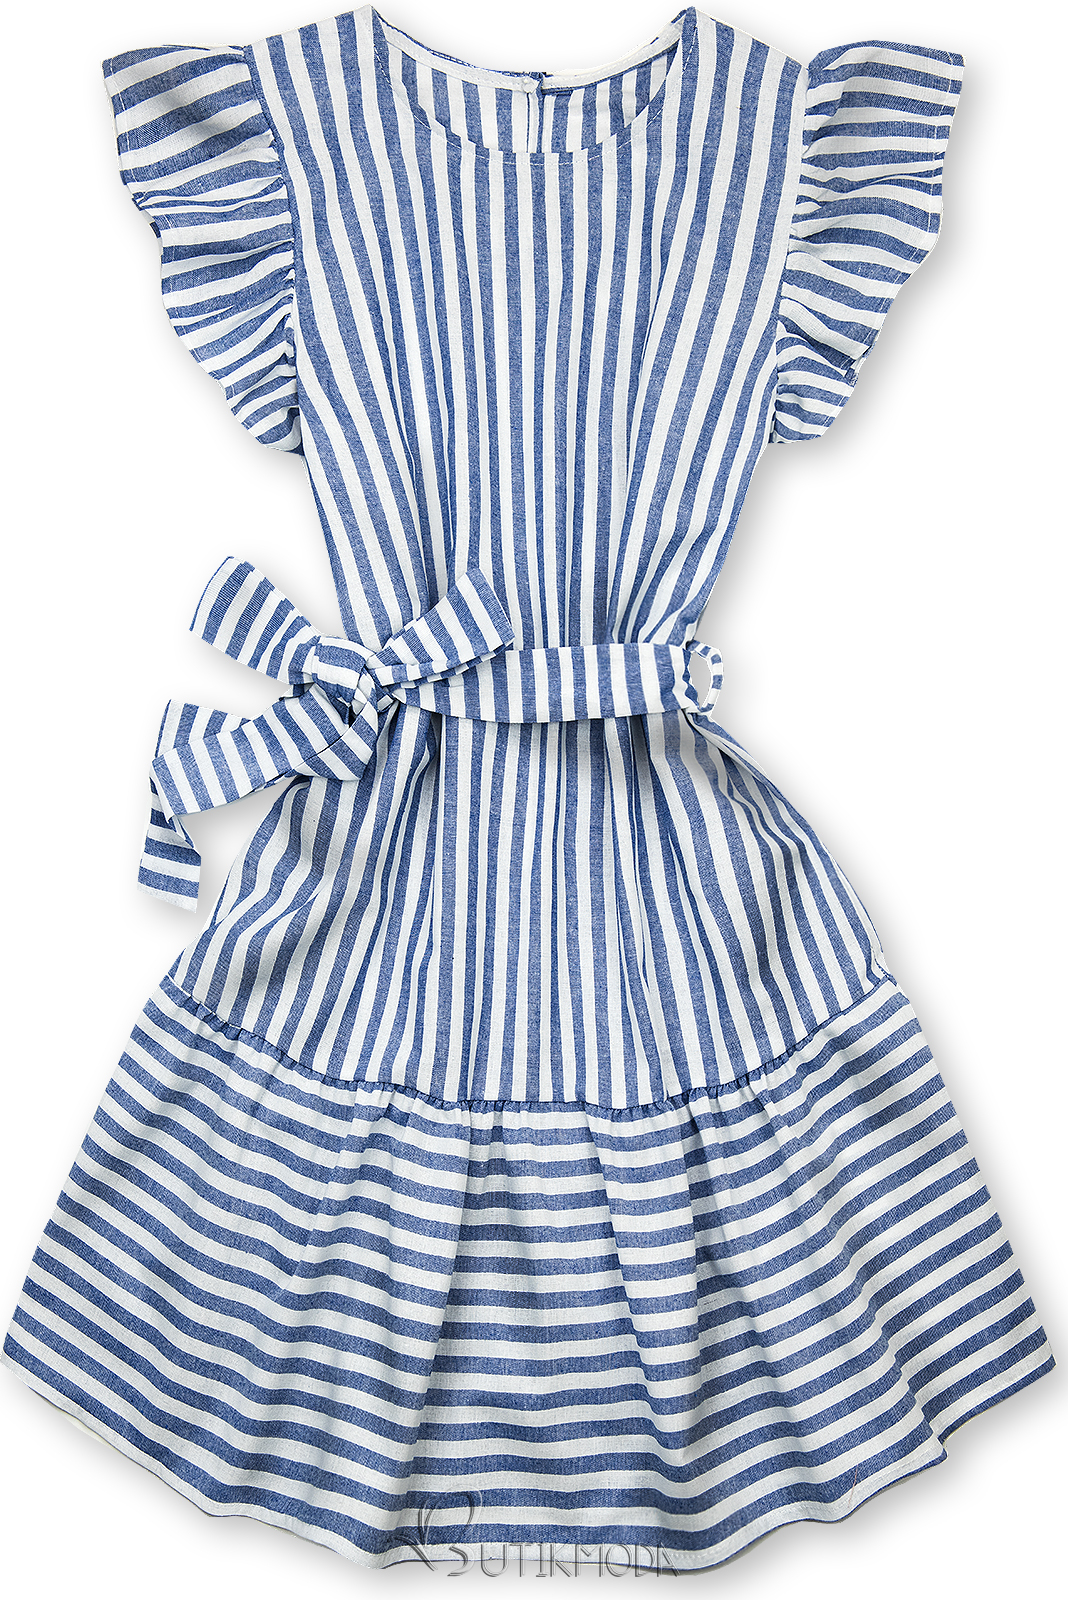 Fehér és kék színű csíkos ruha fodorral